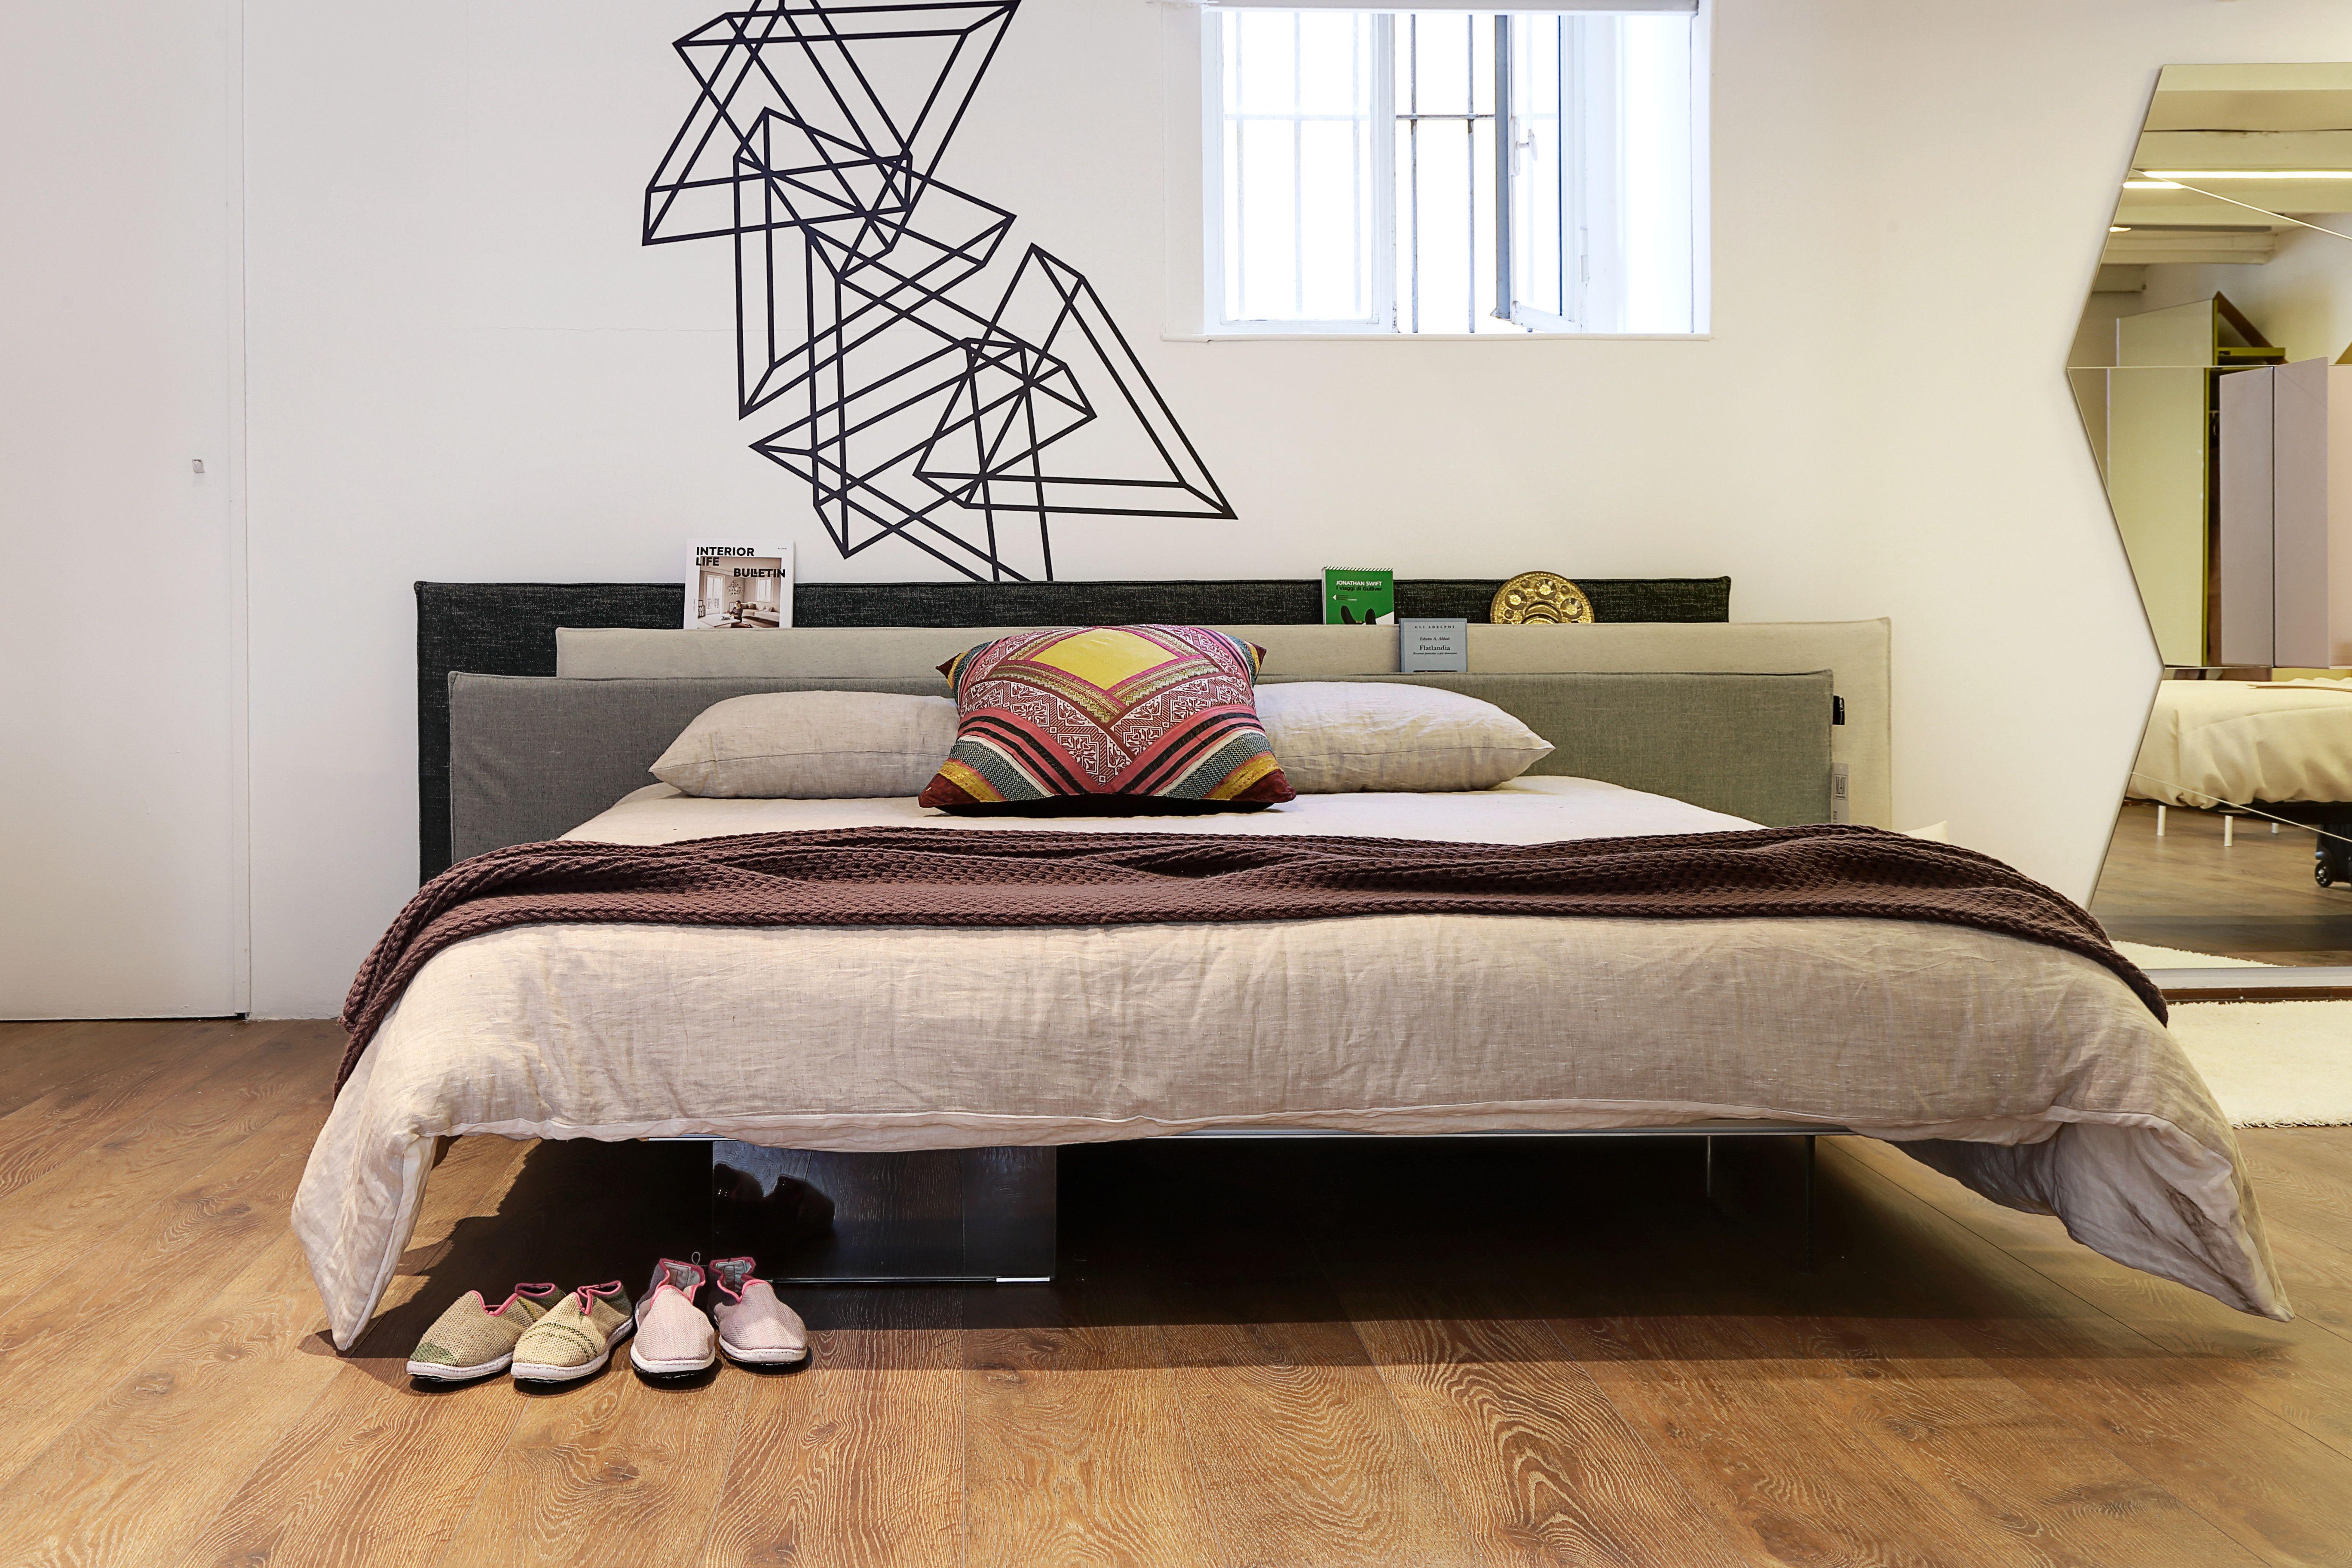 Camere Da Letto Lodi curiosity experience @ lago store milano lodi - vele bed